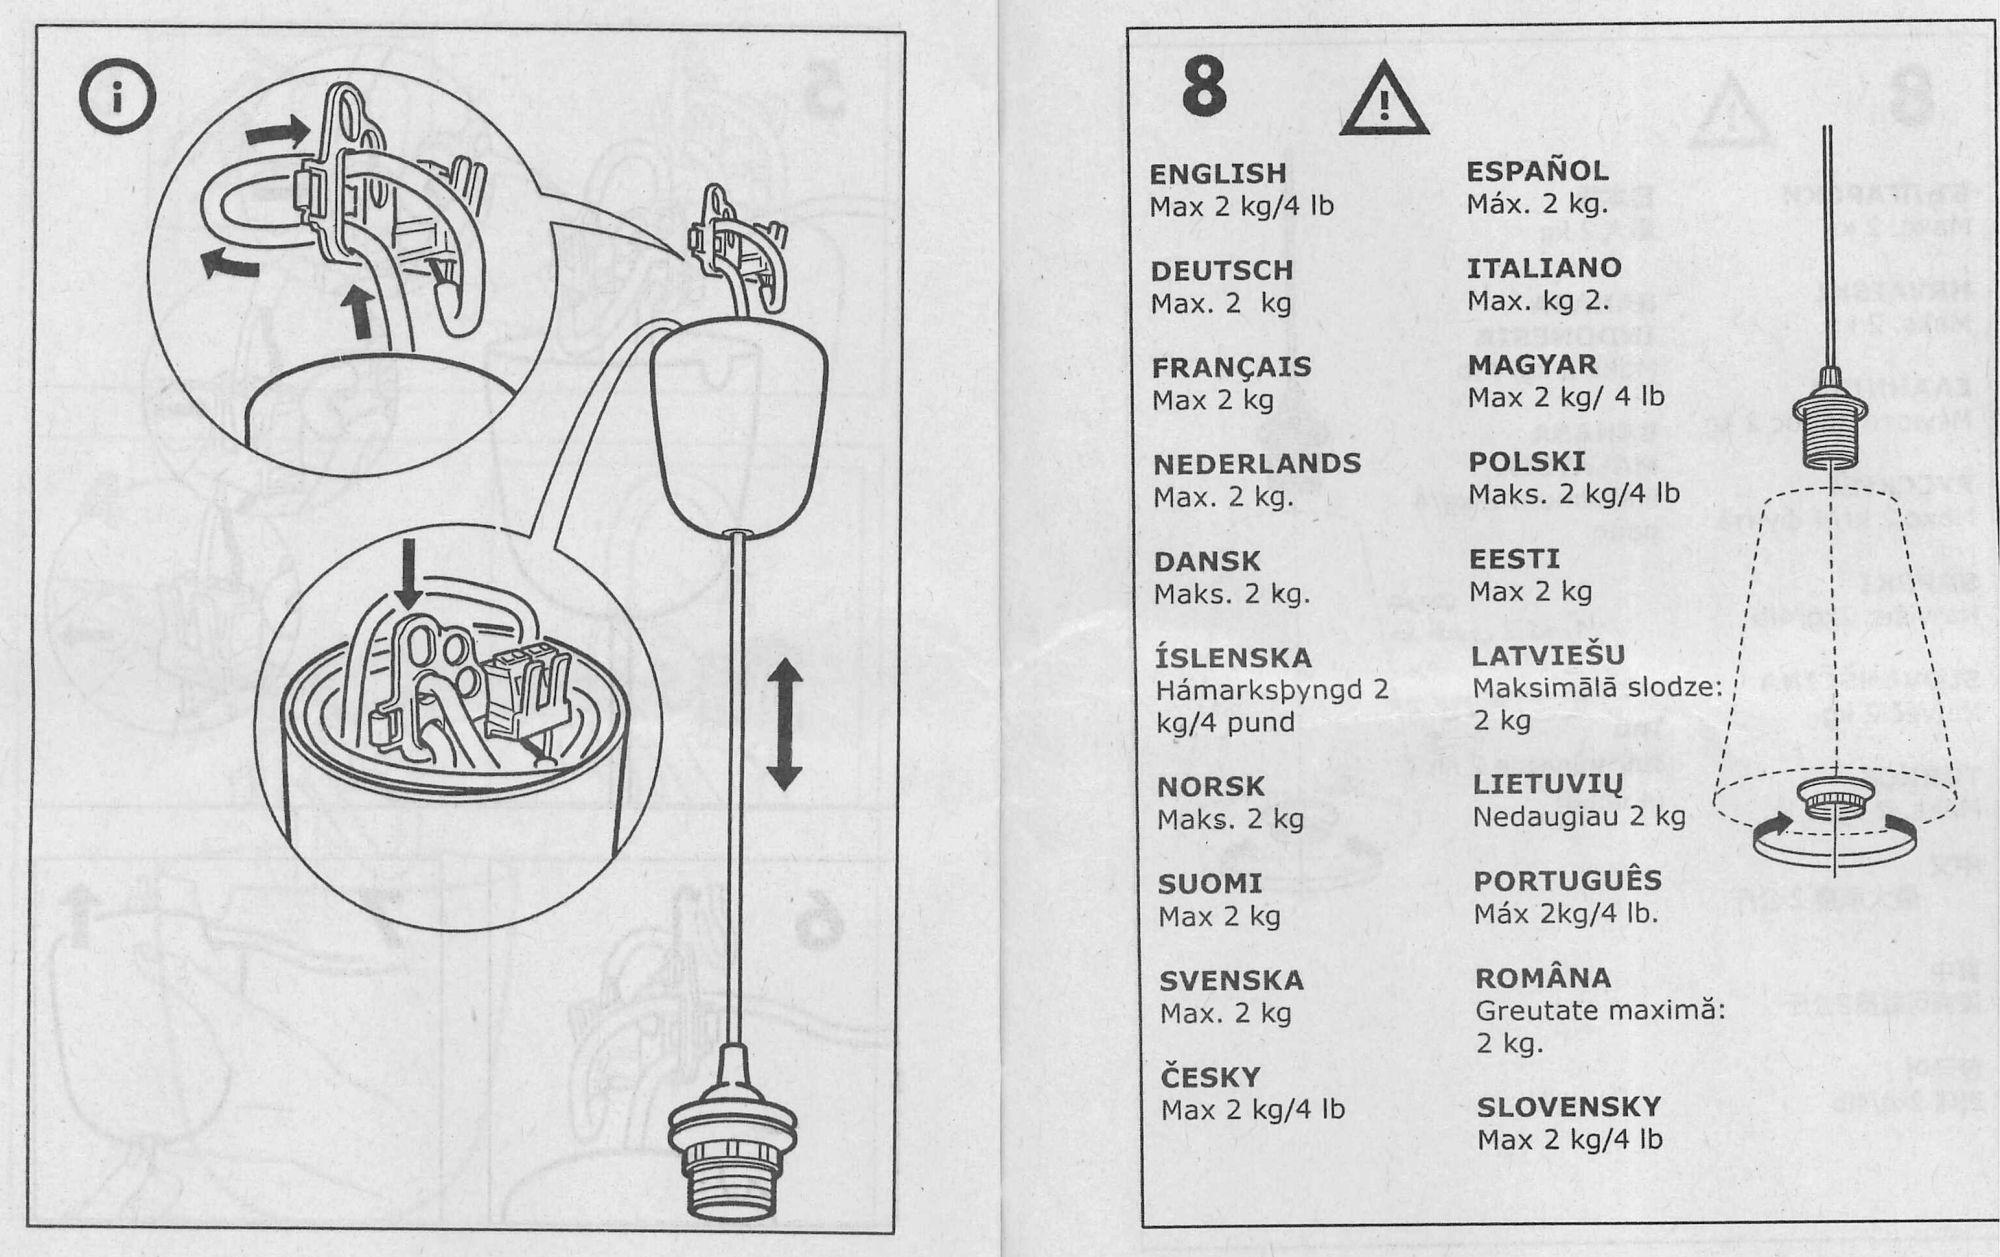 Papier Ikea Lampen Decke